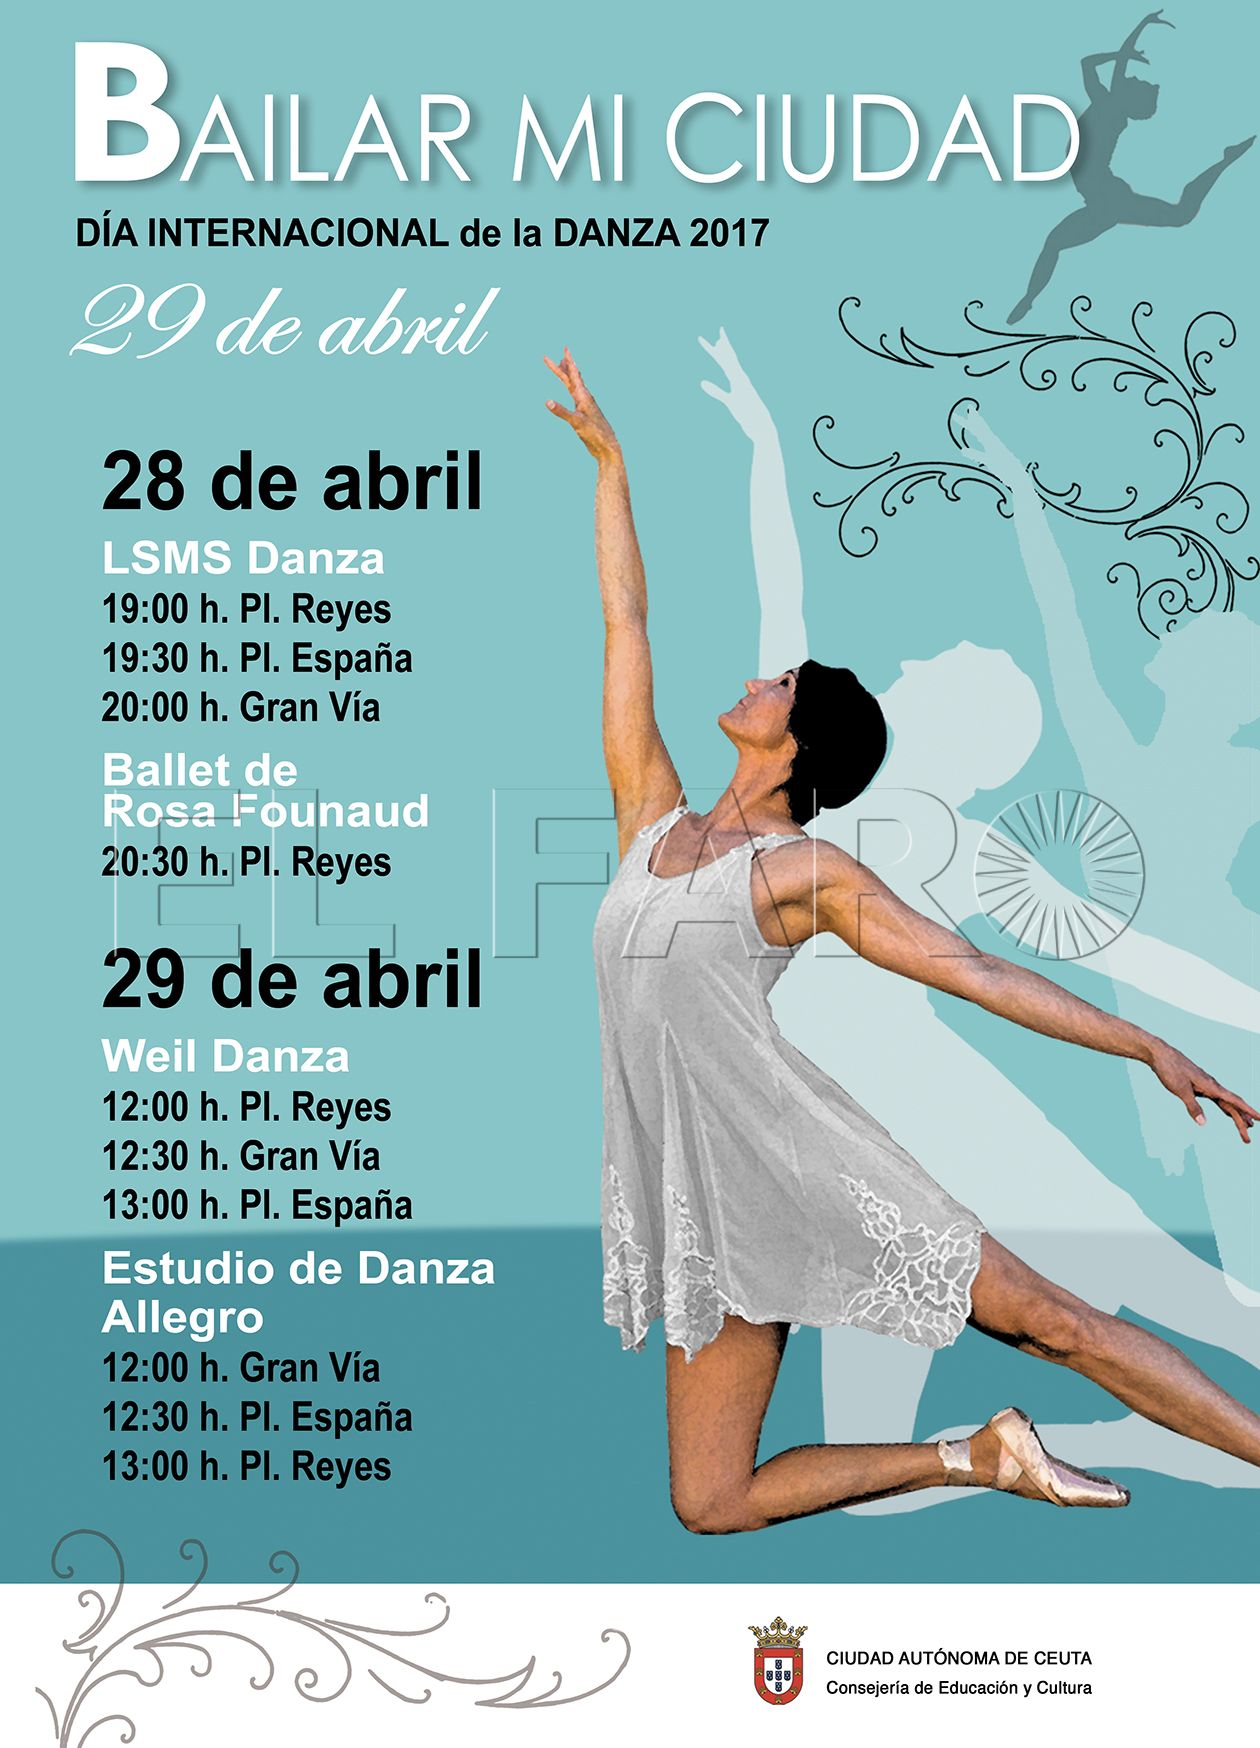 La danza tomará las calles de Ceuta el próximo fin de semana